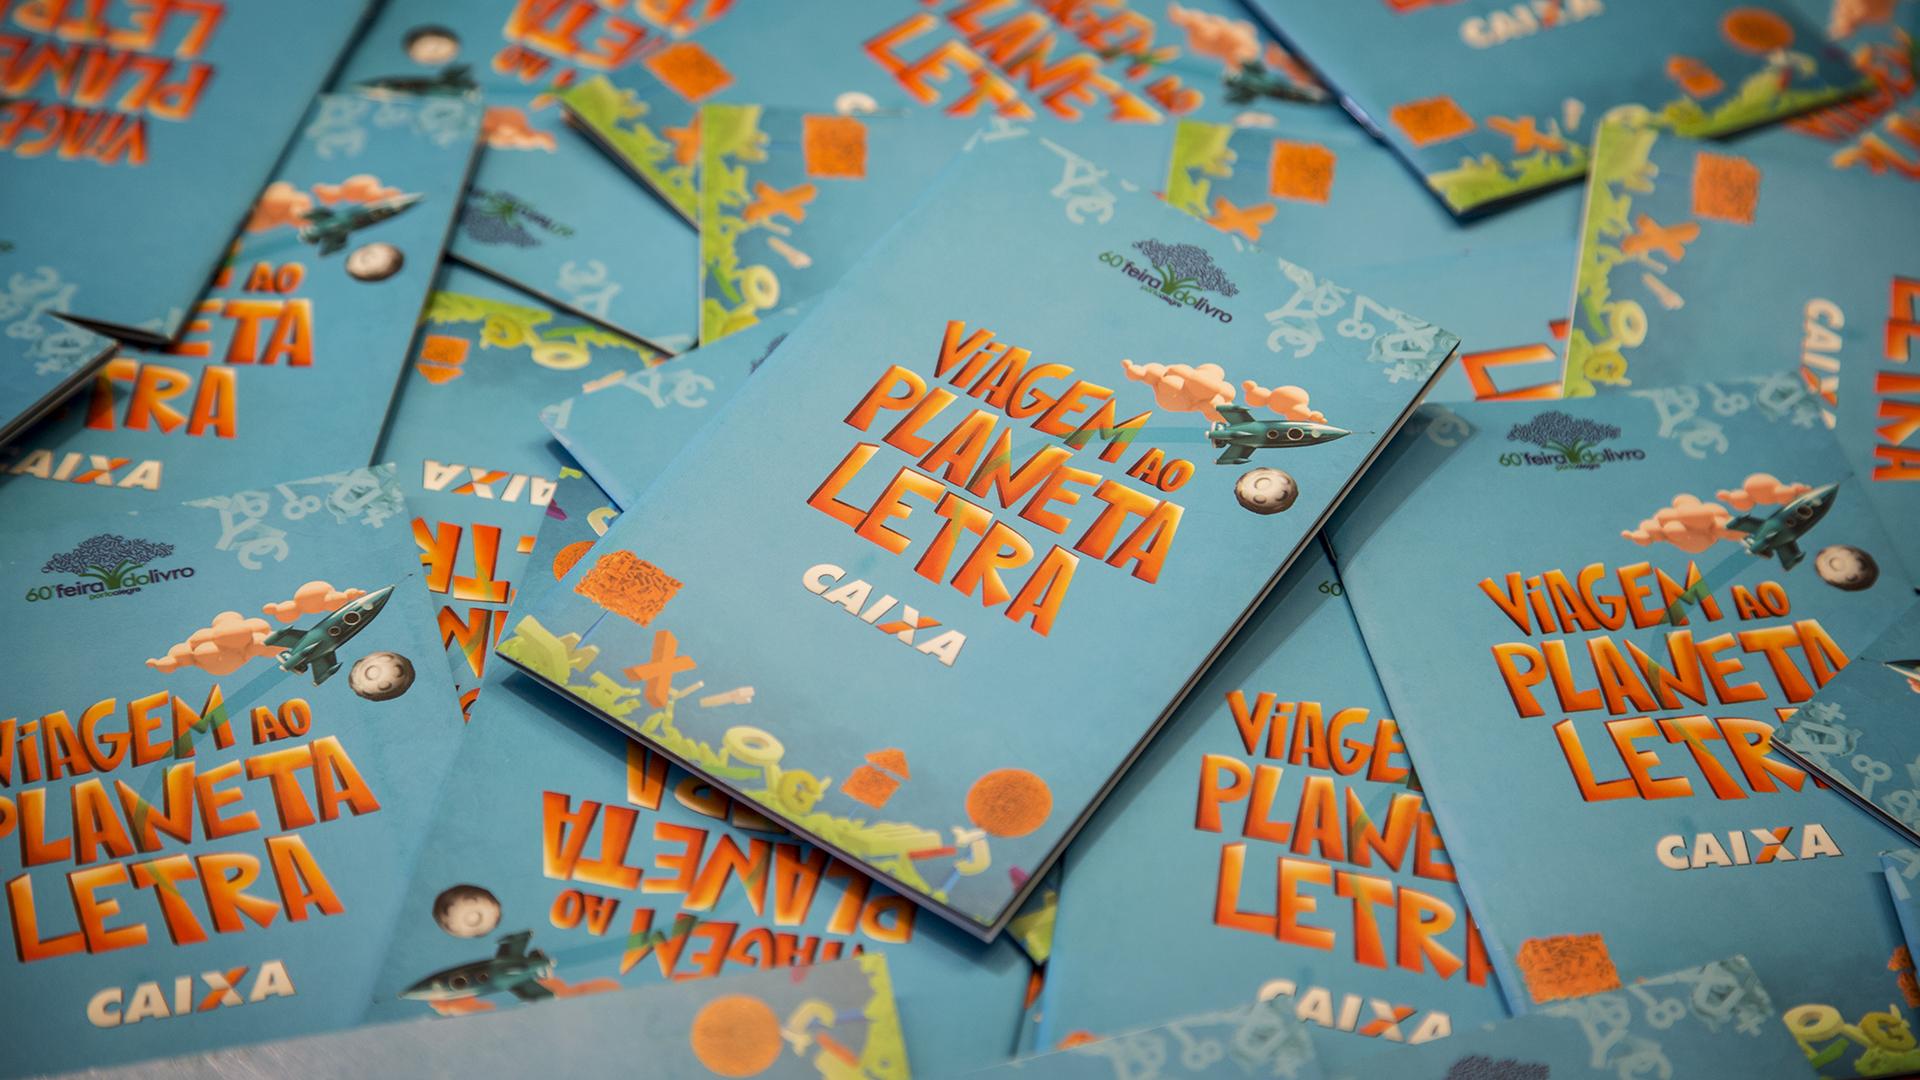 Porto Alegre 2014 – Caixa na Feira do Livro